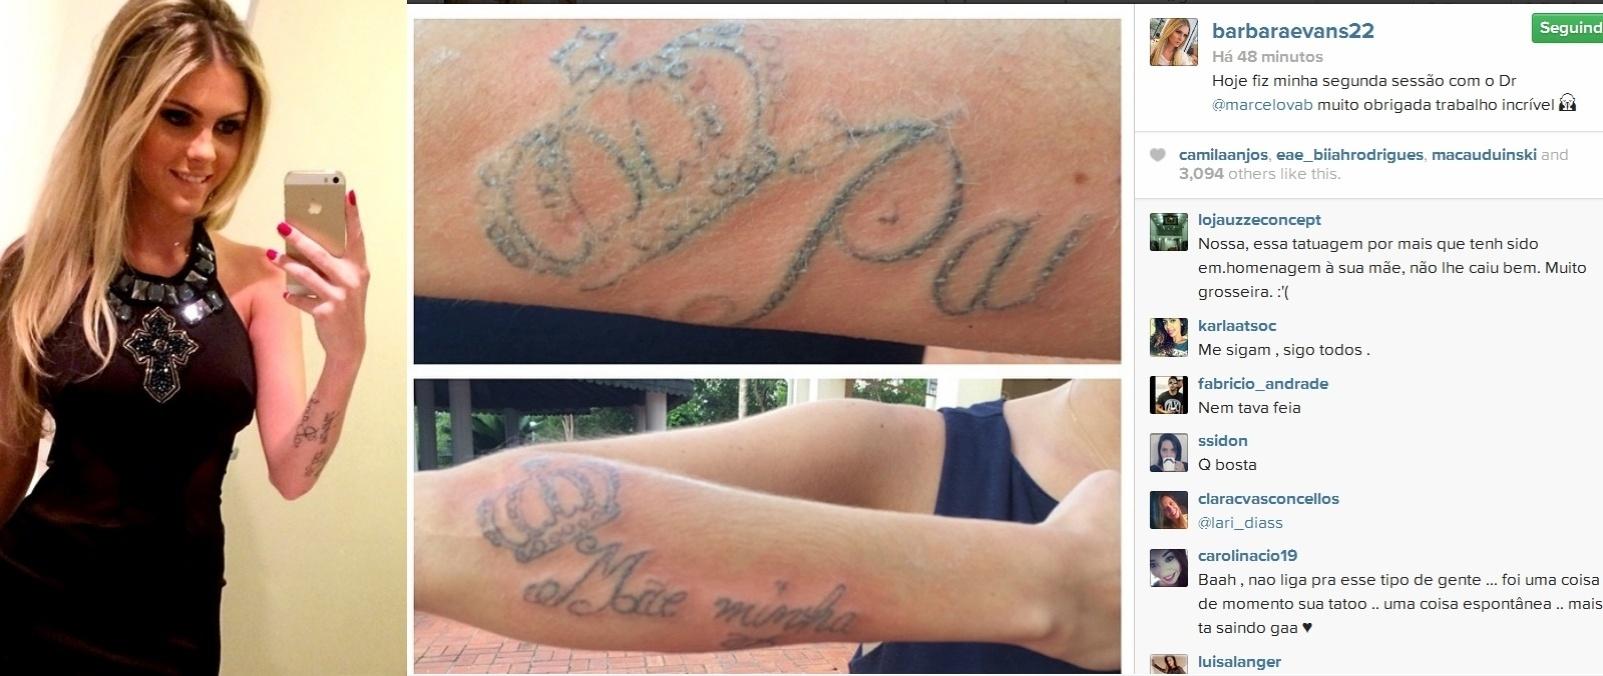 28.mar.2014- Bárbara Evans mostra resultado de segunda sessão para remoção de duas tatuagens que fez em homenagem aos pais